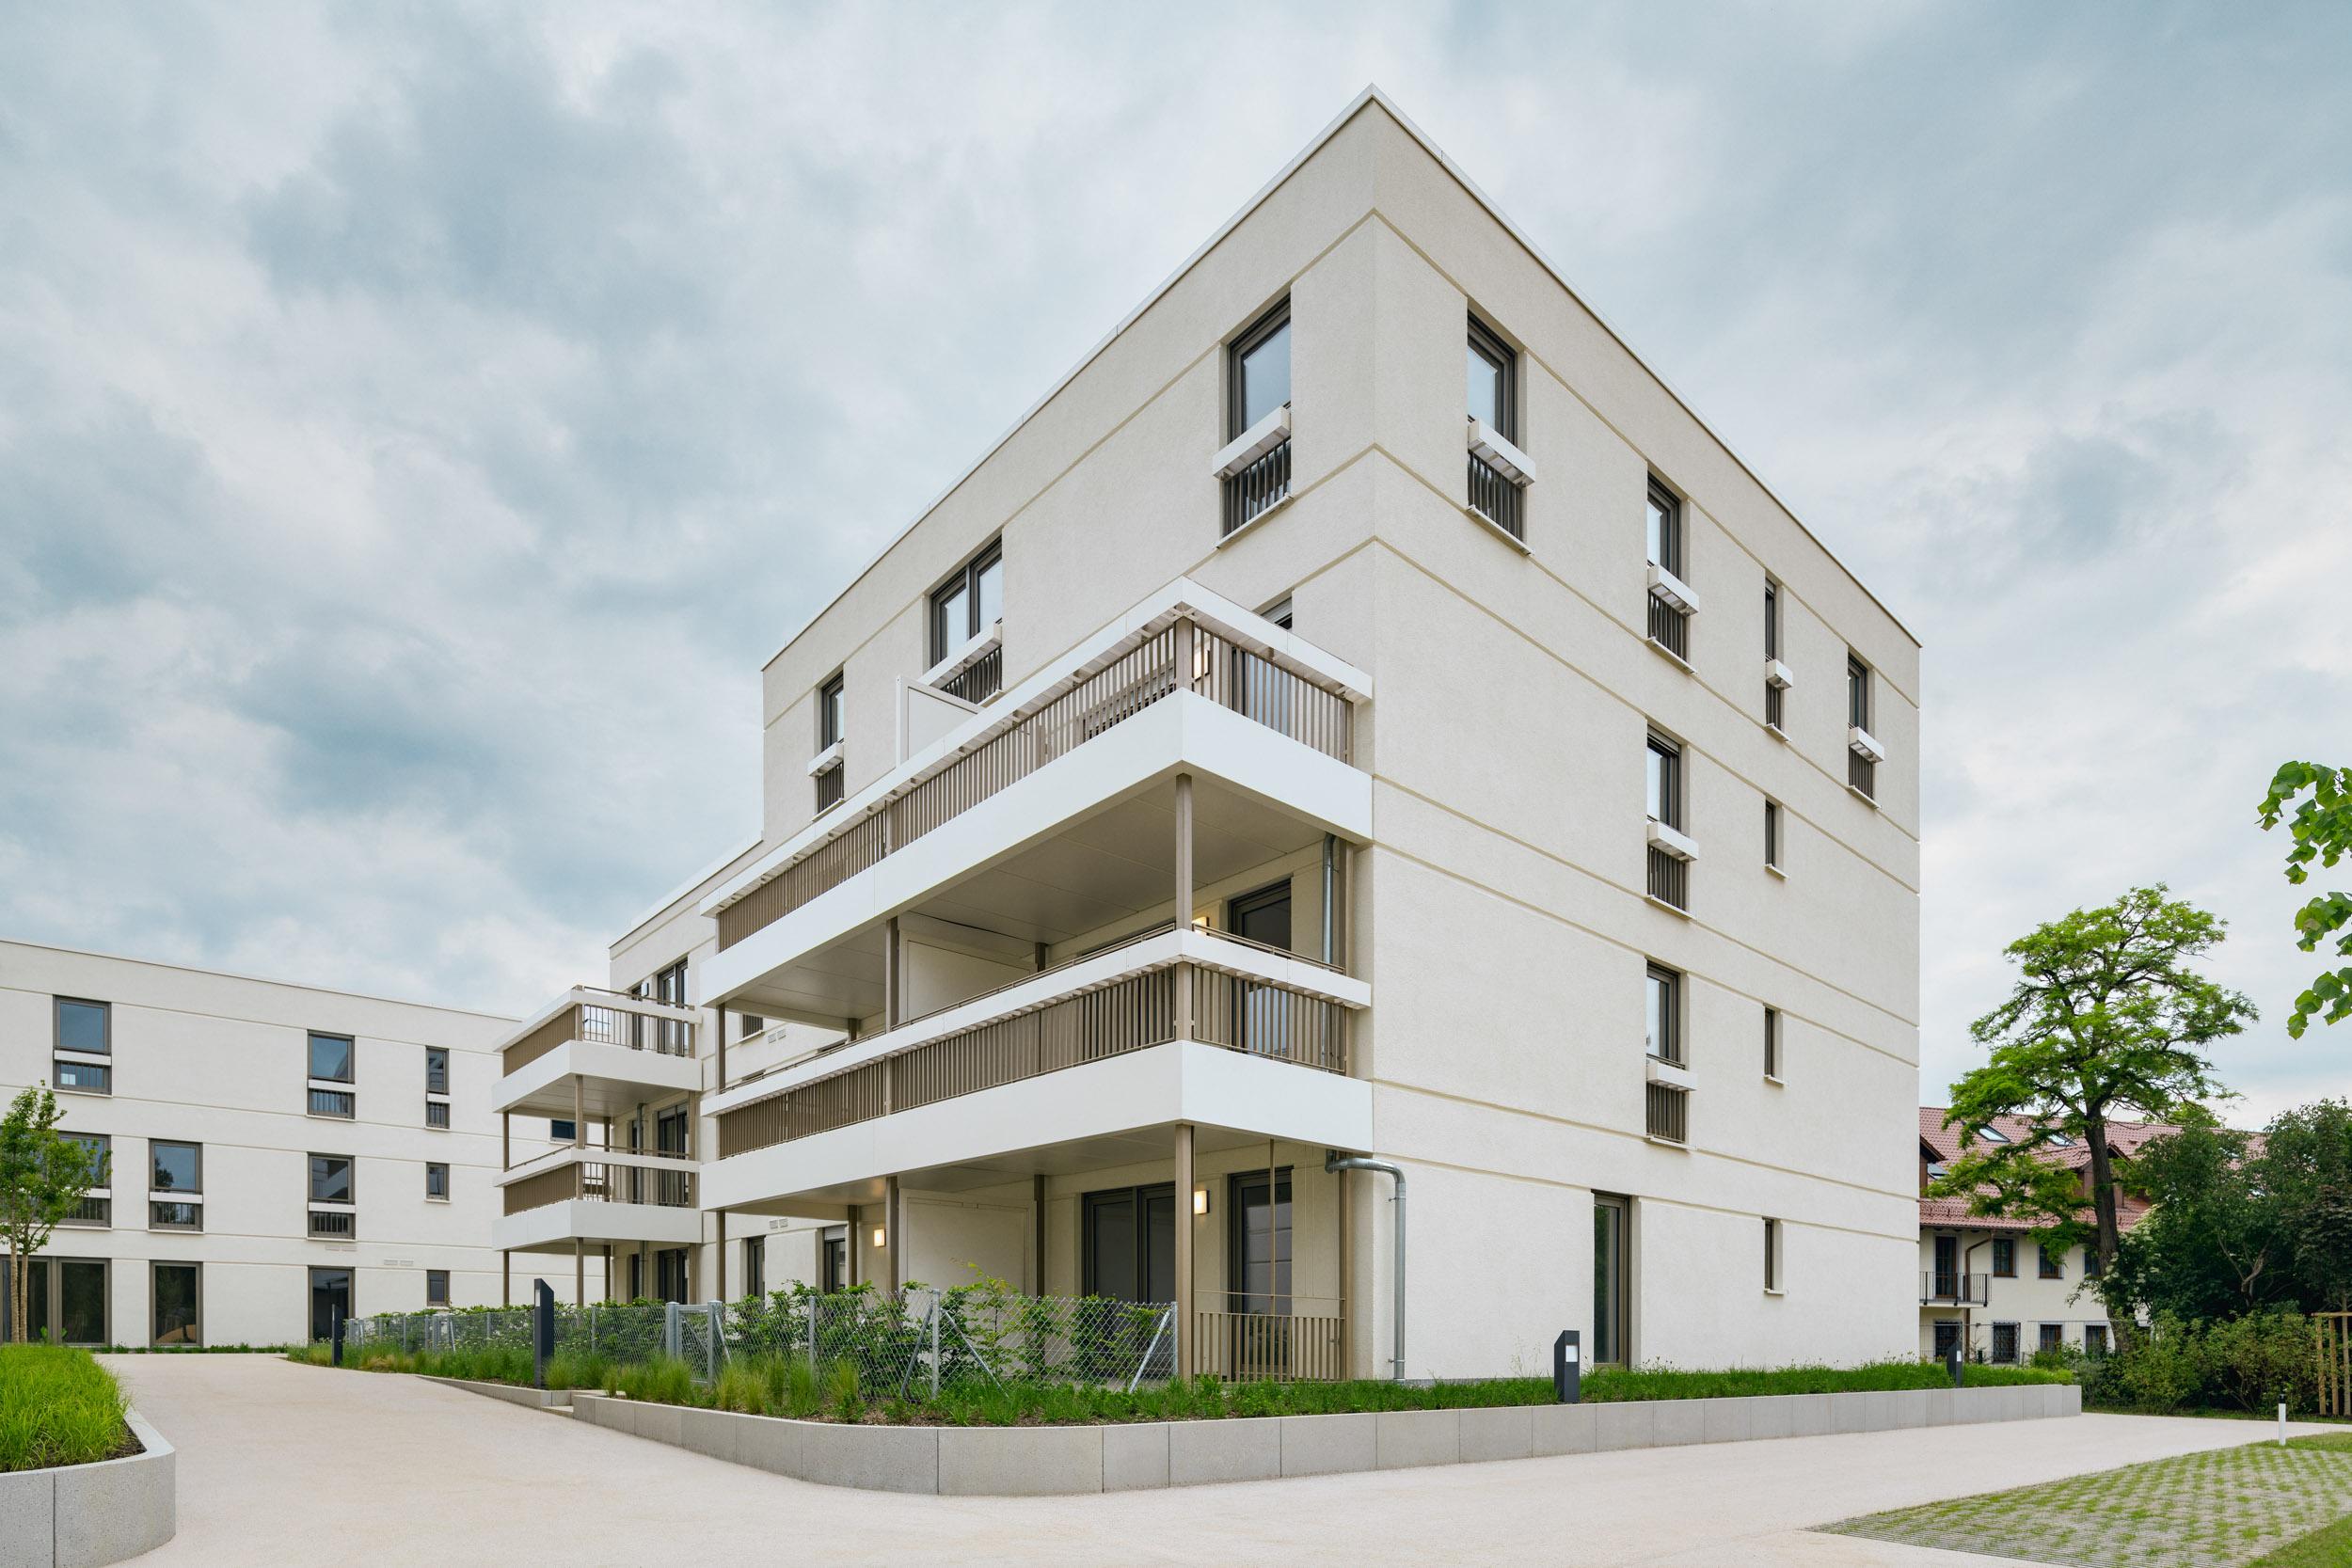 Gustav-Epple-Bauunternehmung-Tru-Living-München-Wohnbau-2020-TruLiving_MLX6854#00